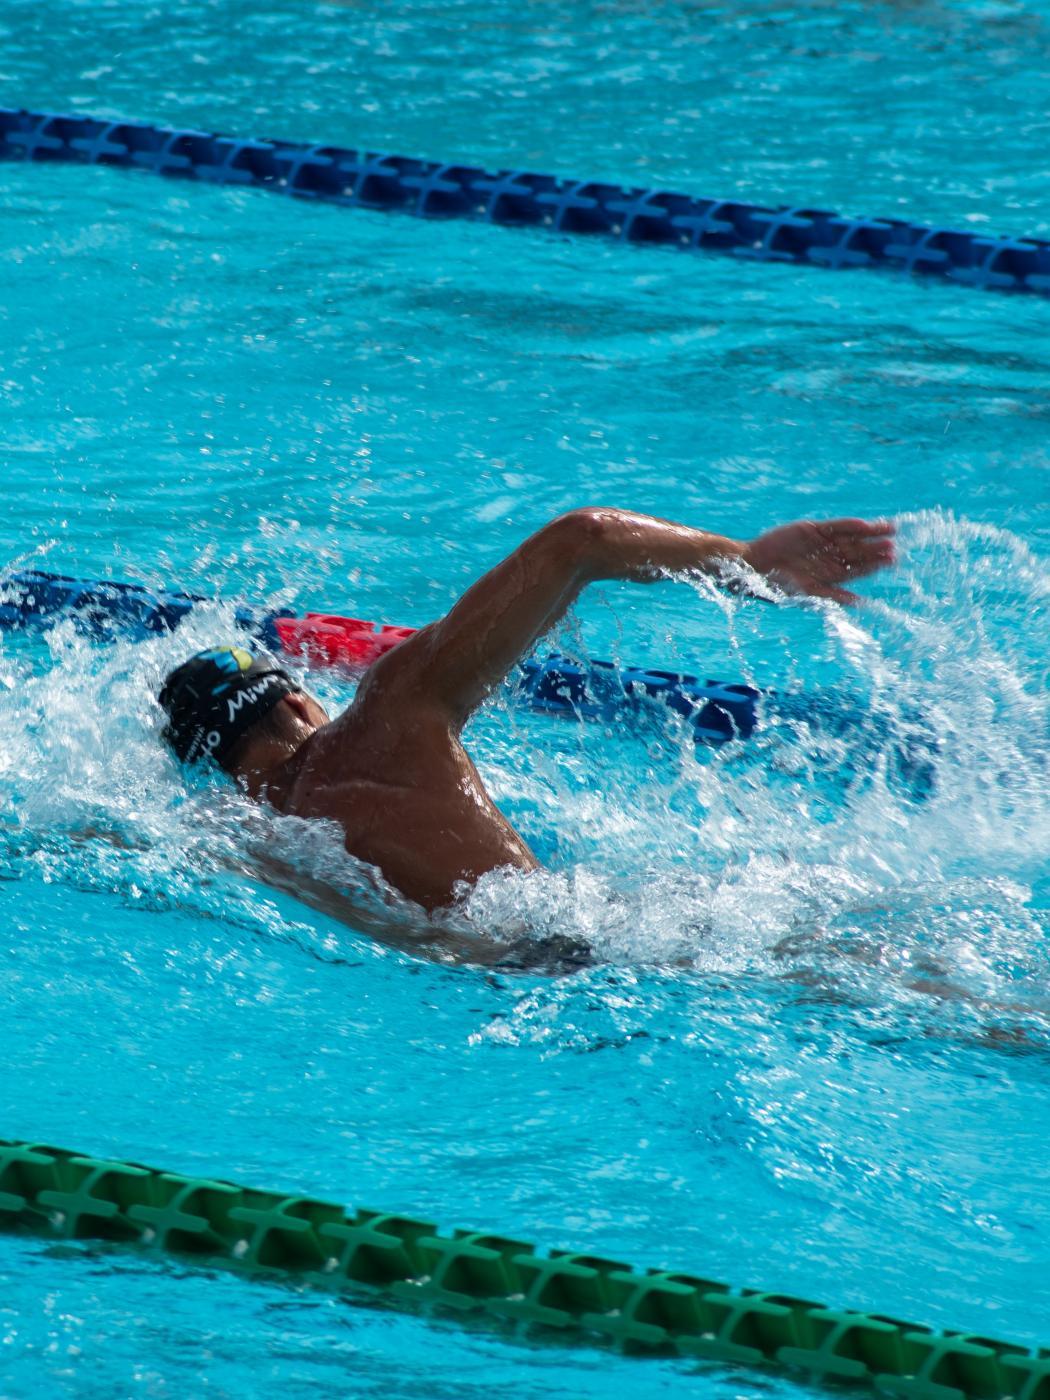 öffnung Schwimmbäder